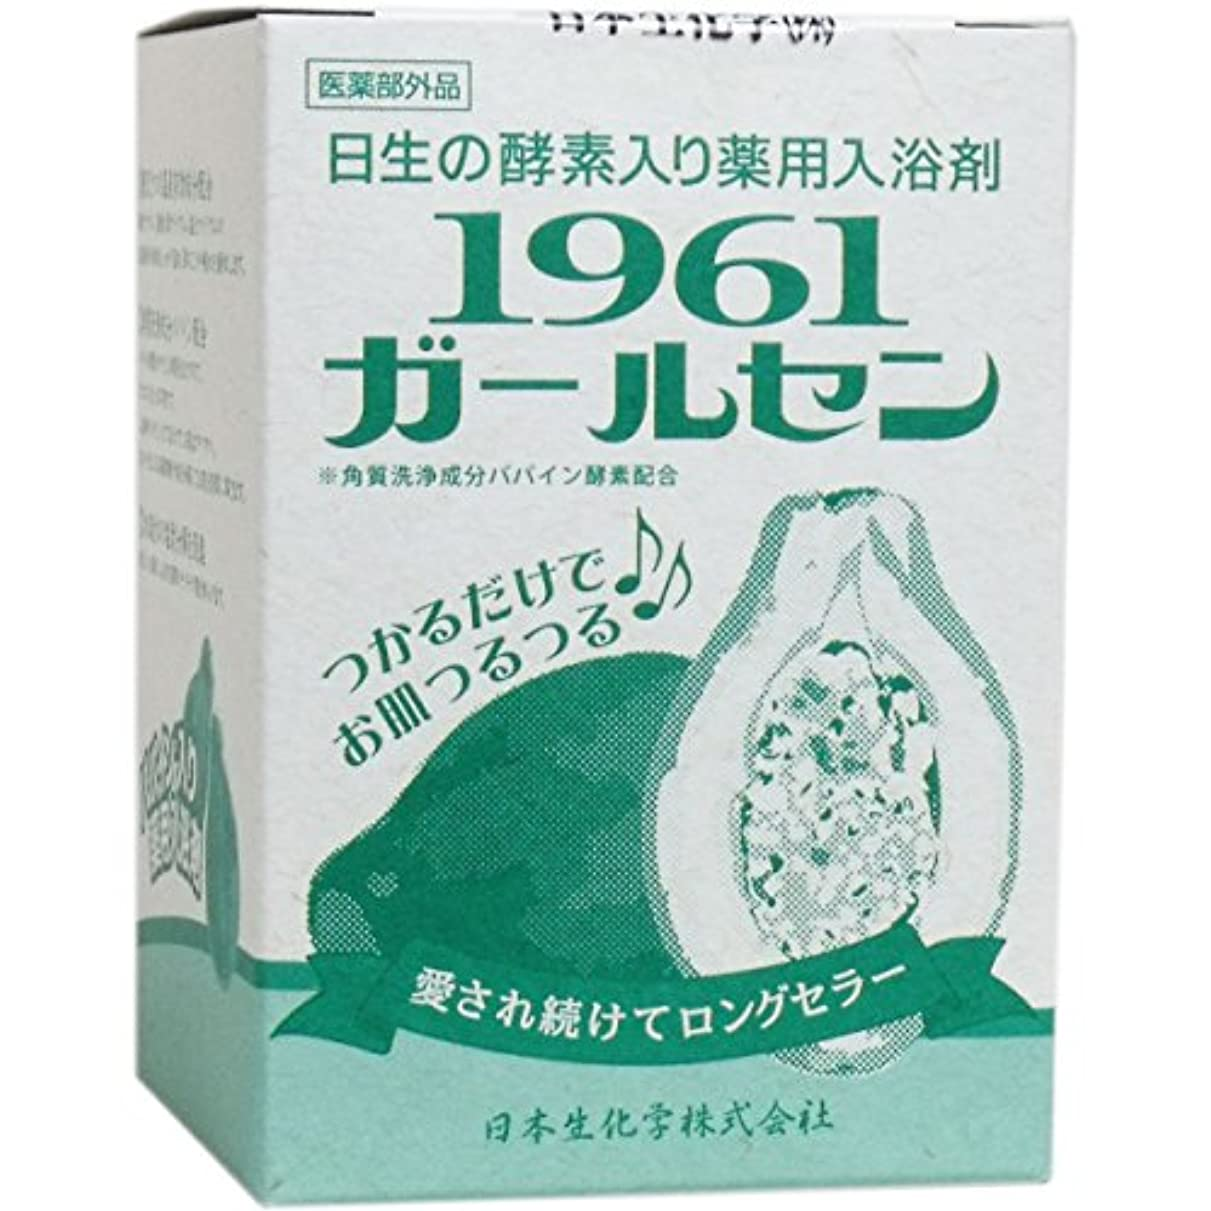 熟達伝統的ロデオ酵素入り薬用入浴剤 1961ガールセン 10包入 [医薬部外品]